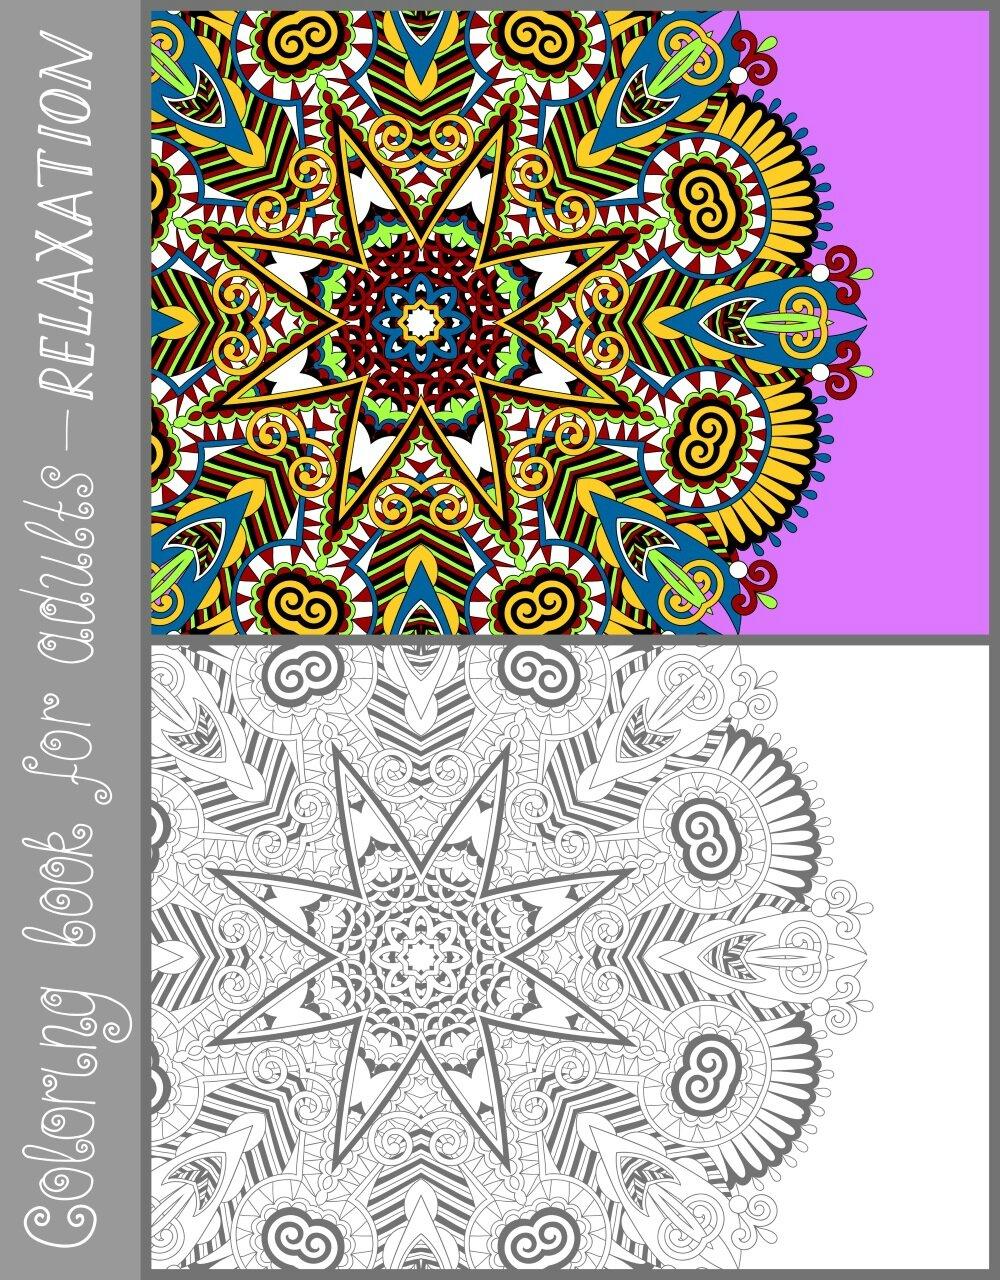 Belle Coloriage Adulte Avec Modele Couleur | Imprimer et Obtenir une Coloriage Gratuit Ici